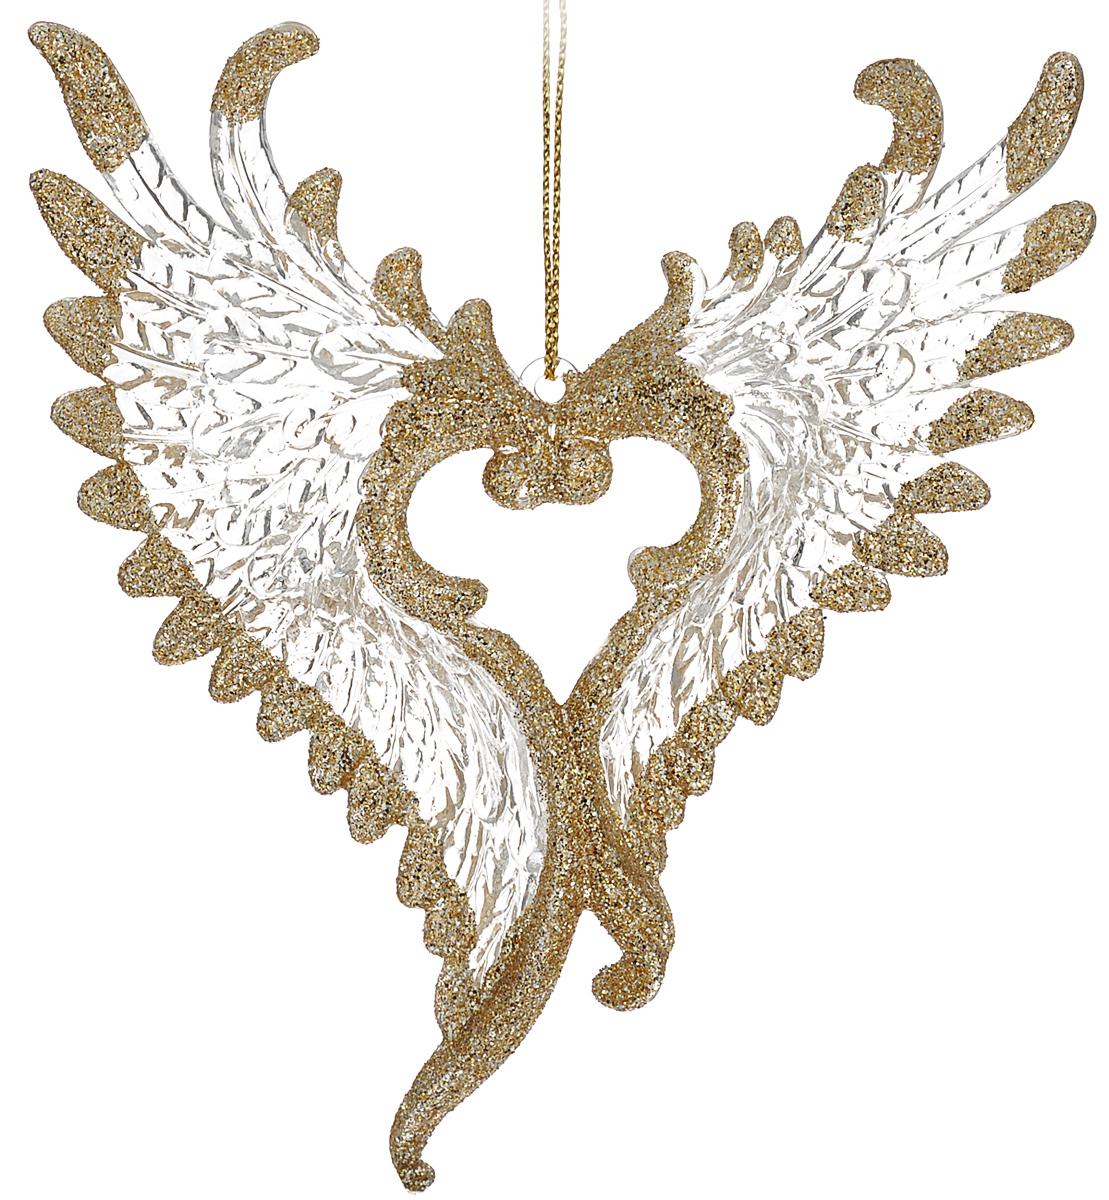 Новогоднее подвесное украшение Феникс-презент Крылья, 11,4 х 13,5 см38579Новогоднее украшение Феникс-презент Крылья, изготовленное из высококачественного пластика, прекрасно подойдет для праздничного декора дома и новогодней ели. Изделие выполнено в виде крыльев ангела и оформлено блестками. С помощью специальной текстильной петельки его можно повесить в любом понравившемся вам месте. Но, конечно, удачнее всего такая игрушка будет смотреться на праздничной елке. Елочная игрушка - символ Нового года. Она несет в себе волшебство и красоту праздника. Создайте в своем доме атмосферу веселья и радости, украшая новогоднюю елку нарядными игрушками, которые будут из года в год накапливать теплоту воспоминаний.